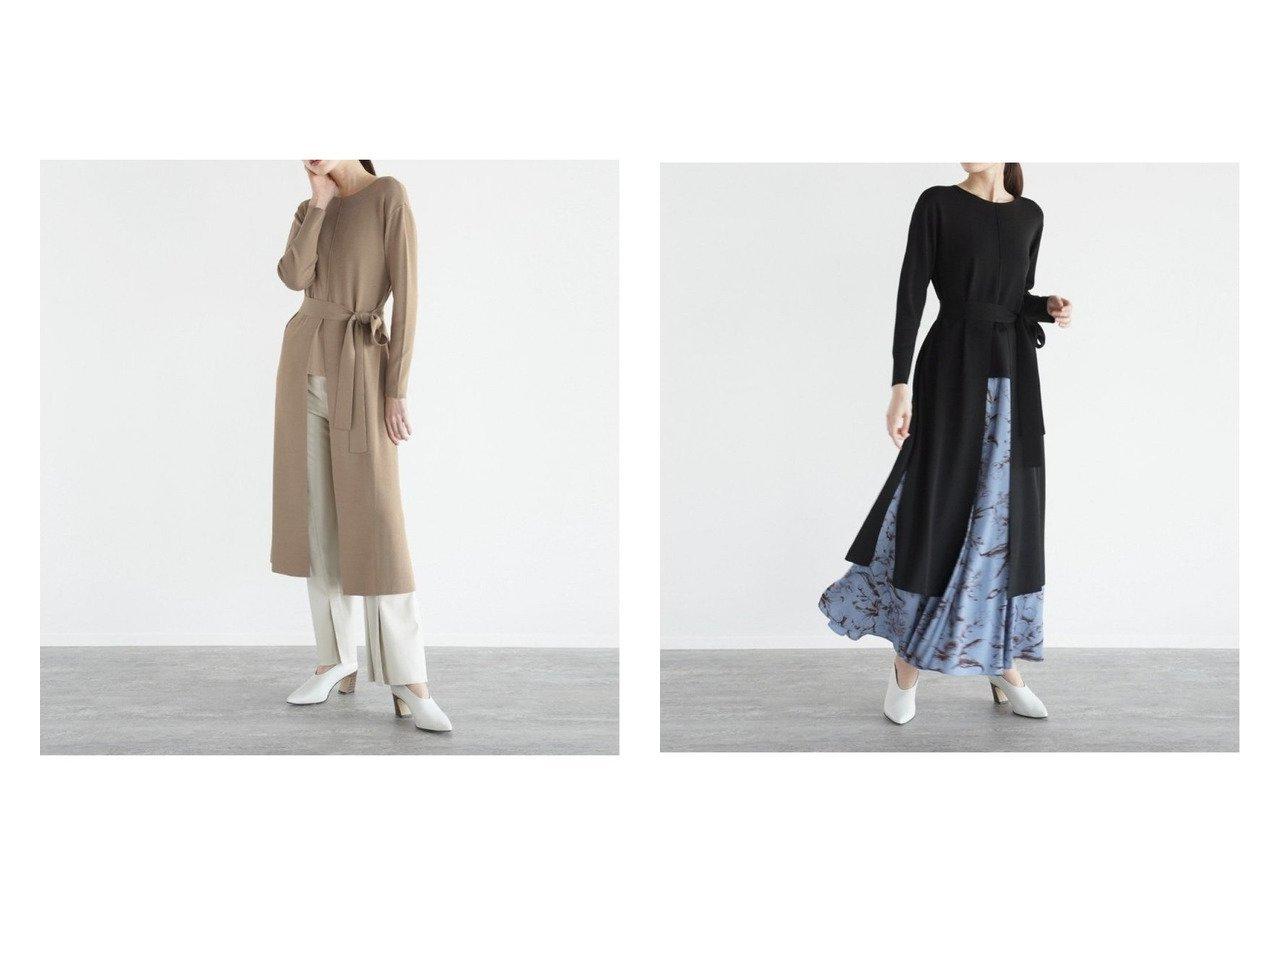 【LASUD/ラシュッド】のロングスリットニット 【トップス・カットソー】おすすめ!人気、トレンド・レディースファッションの通販 おすすめで人気の流行・トレンド、ファッションの通販商品 メンズファッション・キッズファッション・インテリア・家具・レディースファッション・服の通販 founy(ファニー) https://founy.com/ ファッション Fashion レディースファッション WOMEN トップス・カットソー Tops/Tshirt ニット Knit Tops スリット フロント ボトム ロング 長袖  ID:crp329100000029428